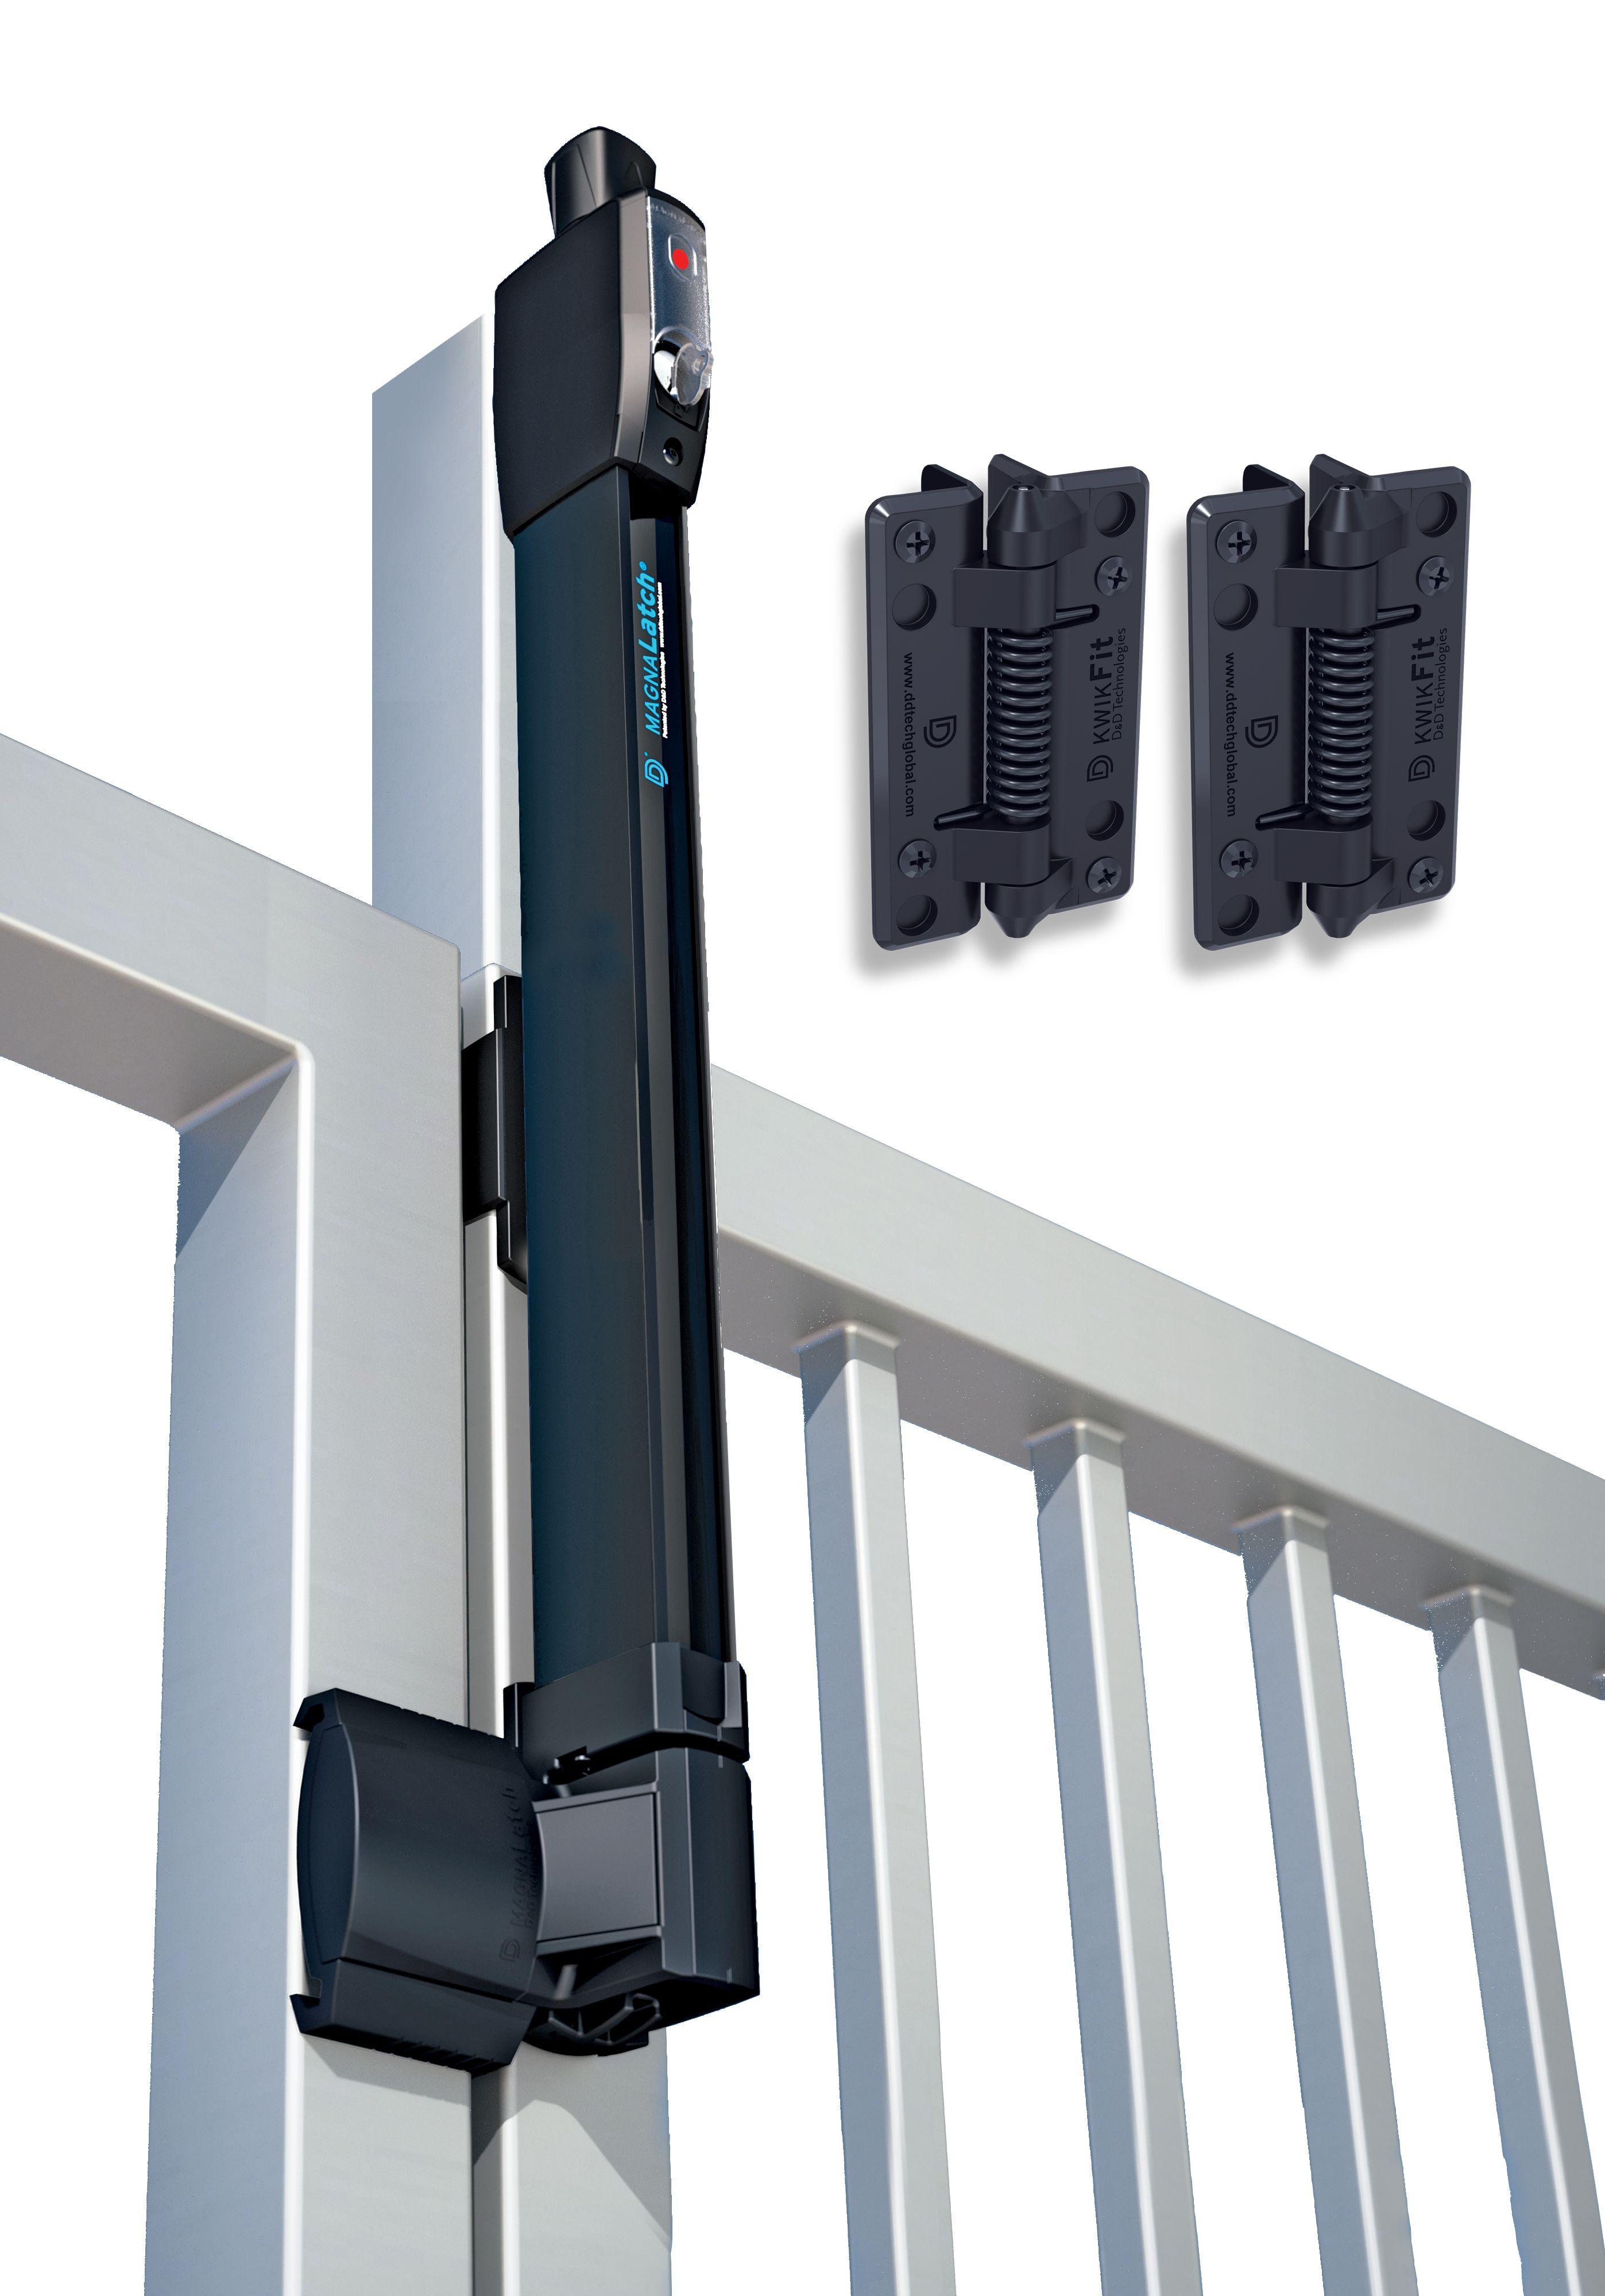 Dd technologies magnalatch pool gate safety latch lock